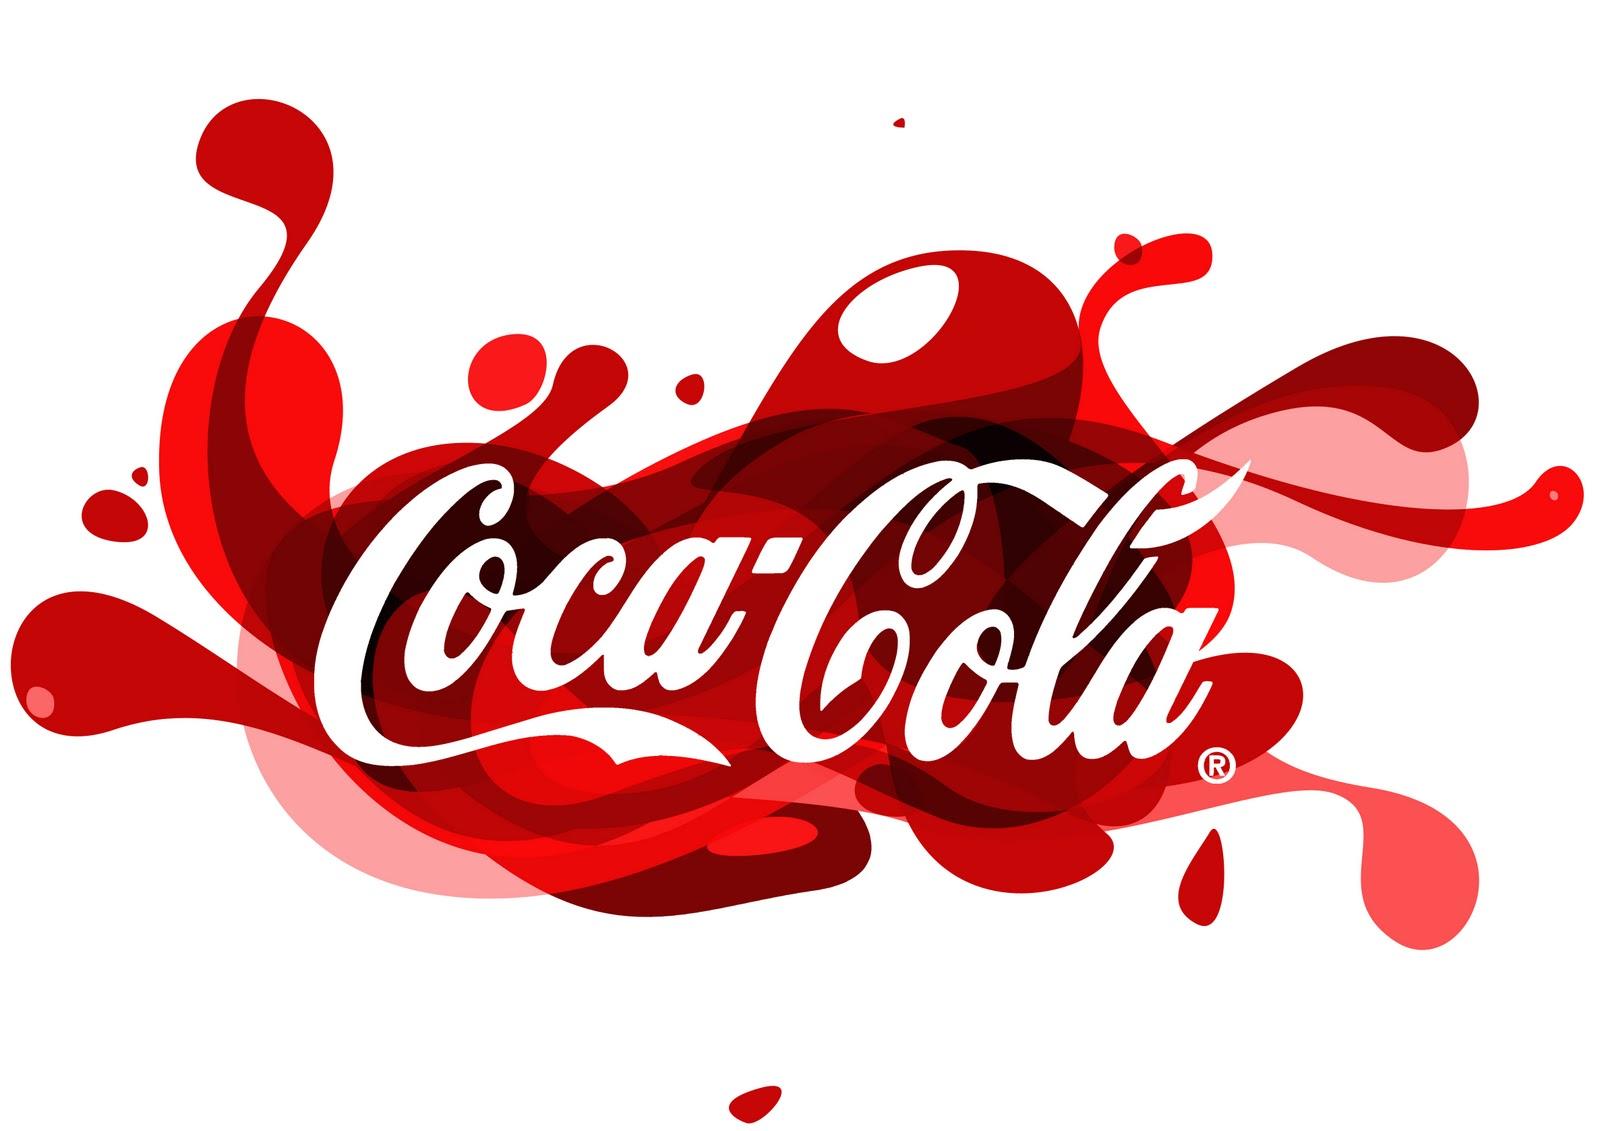 MKTmais.com_coca-cola-funky-logo.jpg